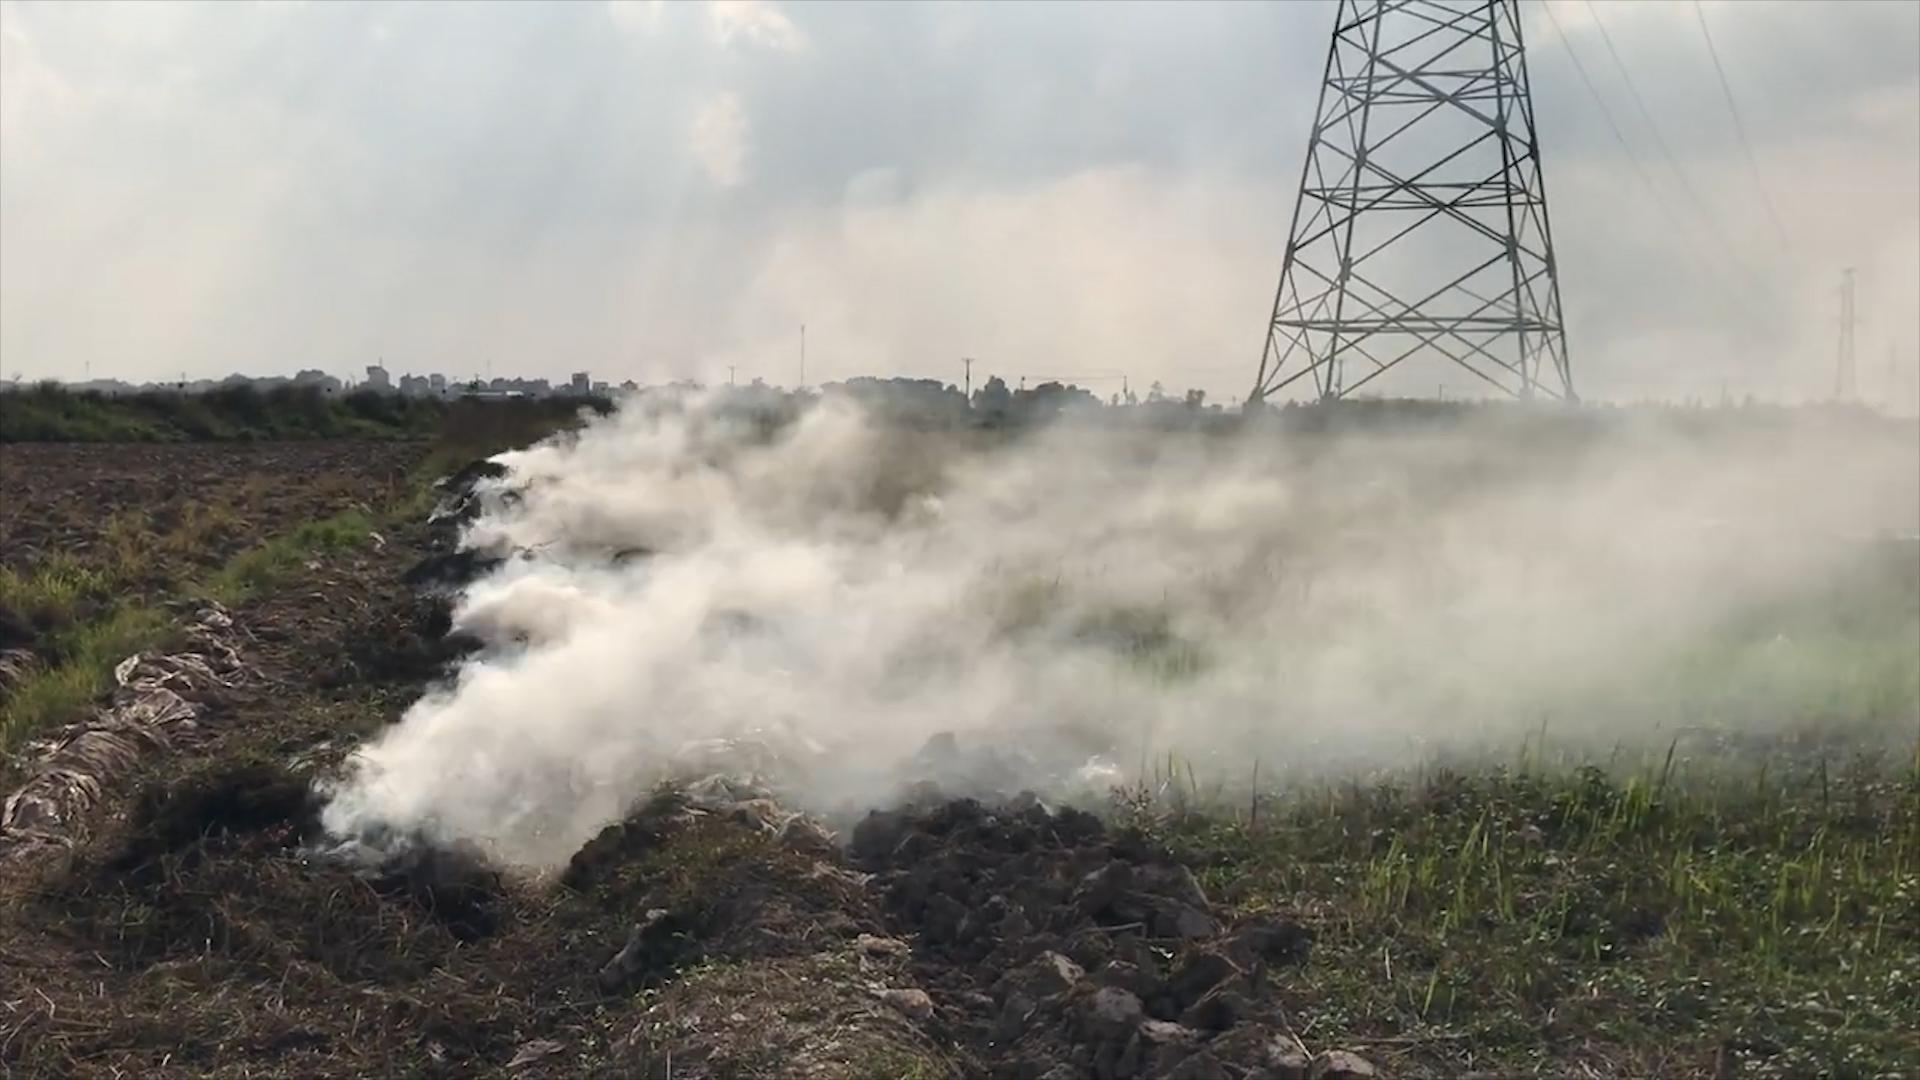 Ô nhiễm từ đốc rác than tổ ong.mp4